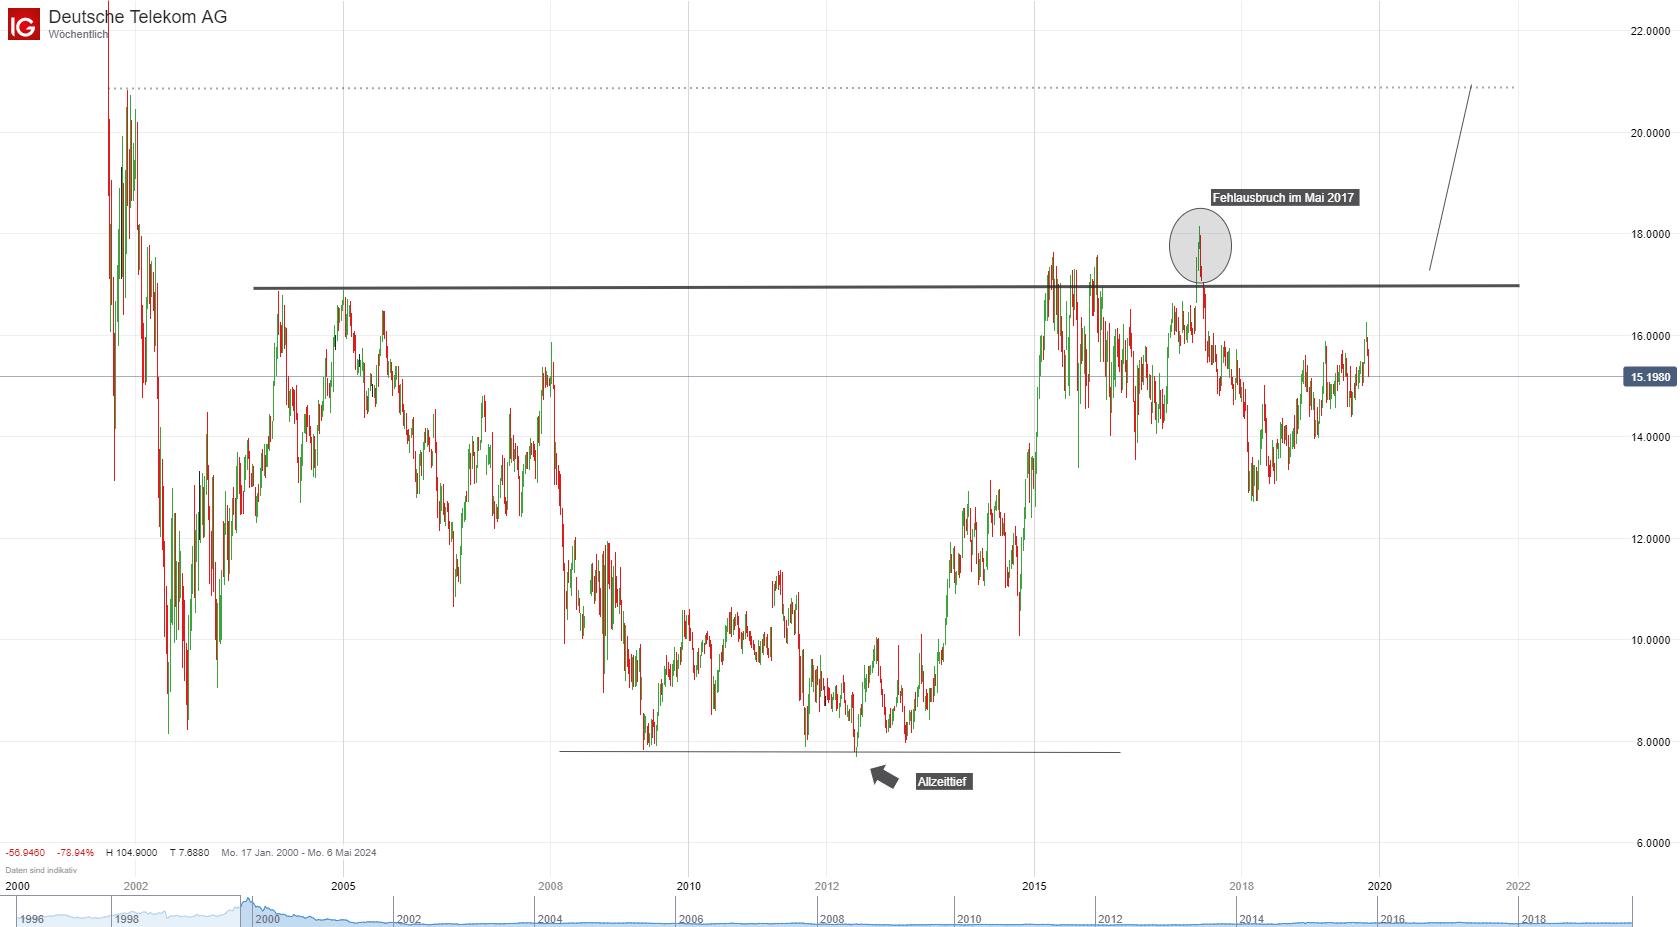 Aktienkurs Deutsche Telecom